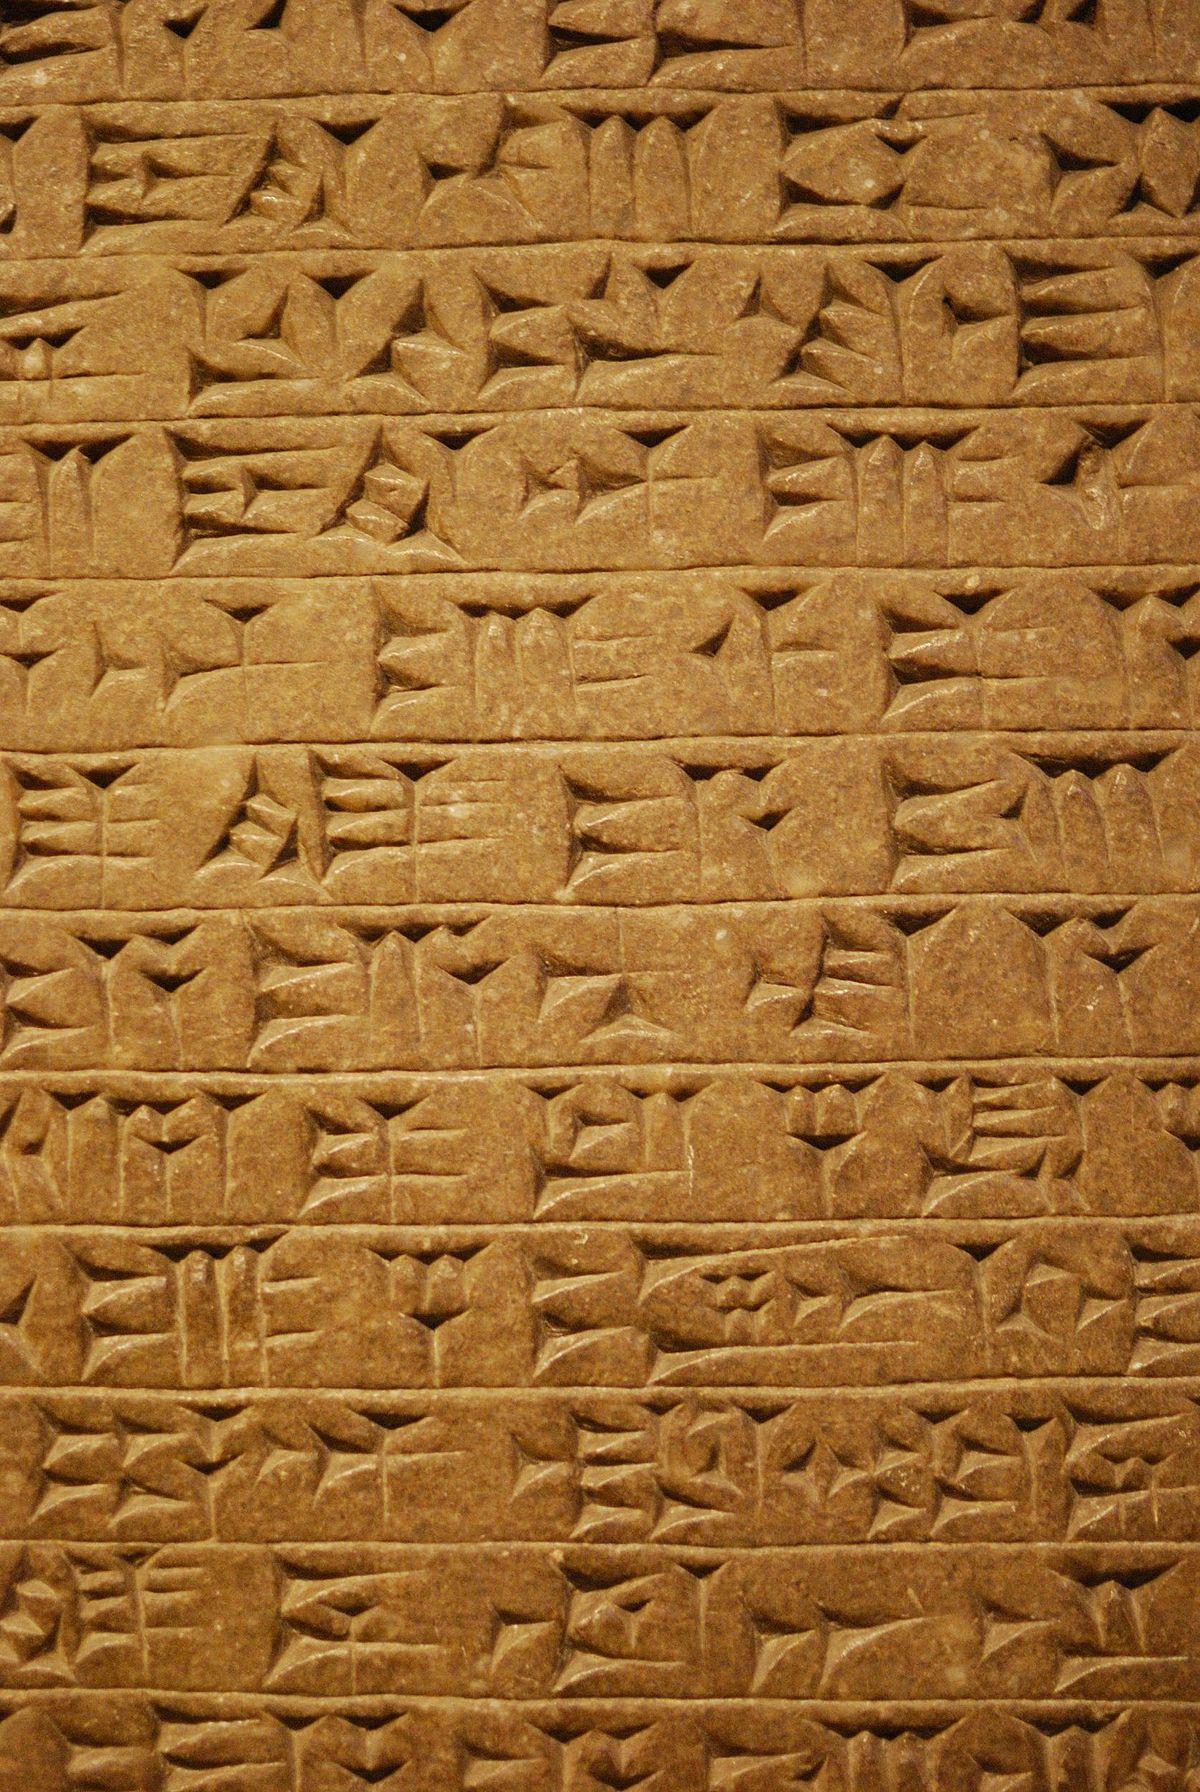 CuneiformWiktionary